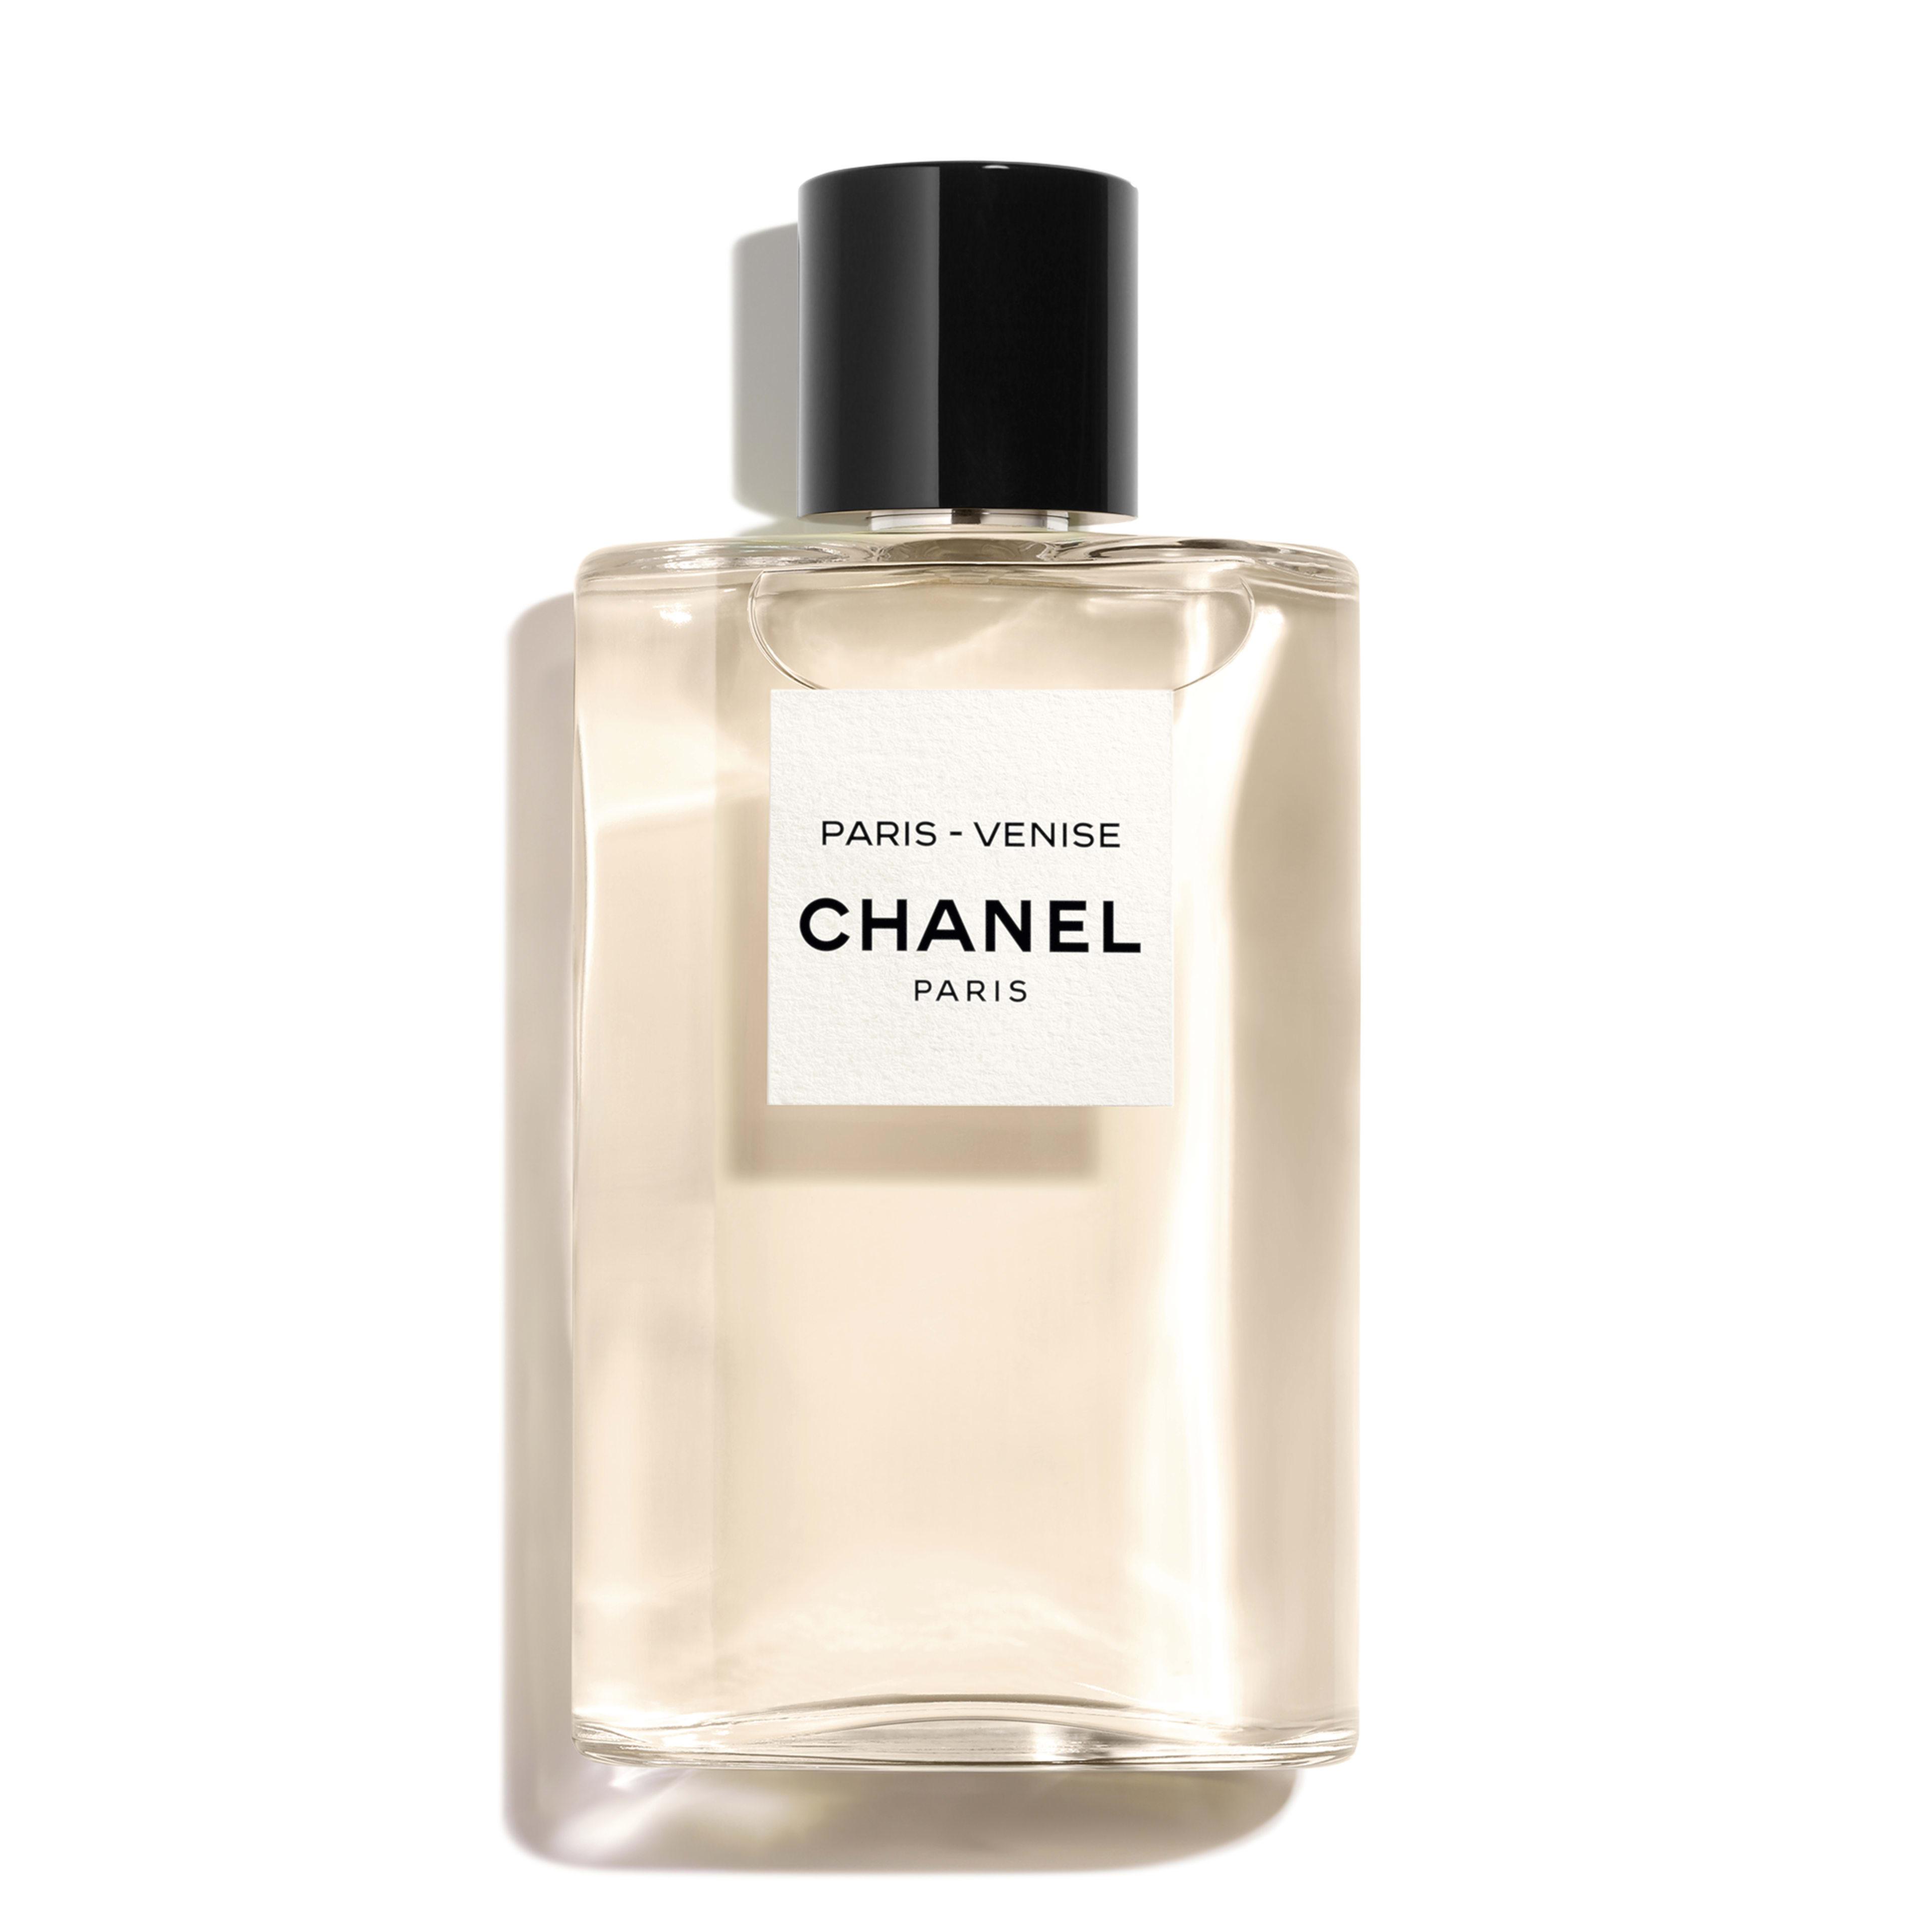 PARIS - VENISE - fragrance - 125ml - Default view